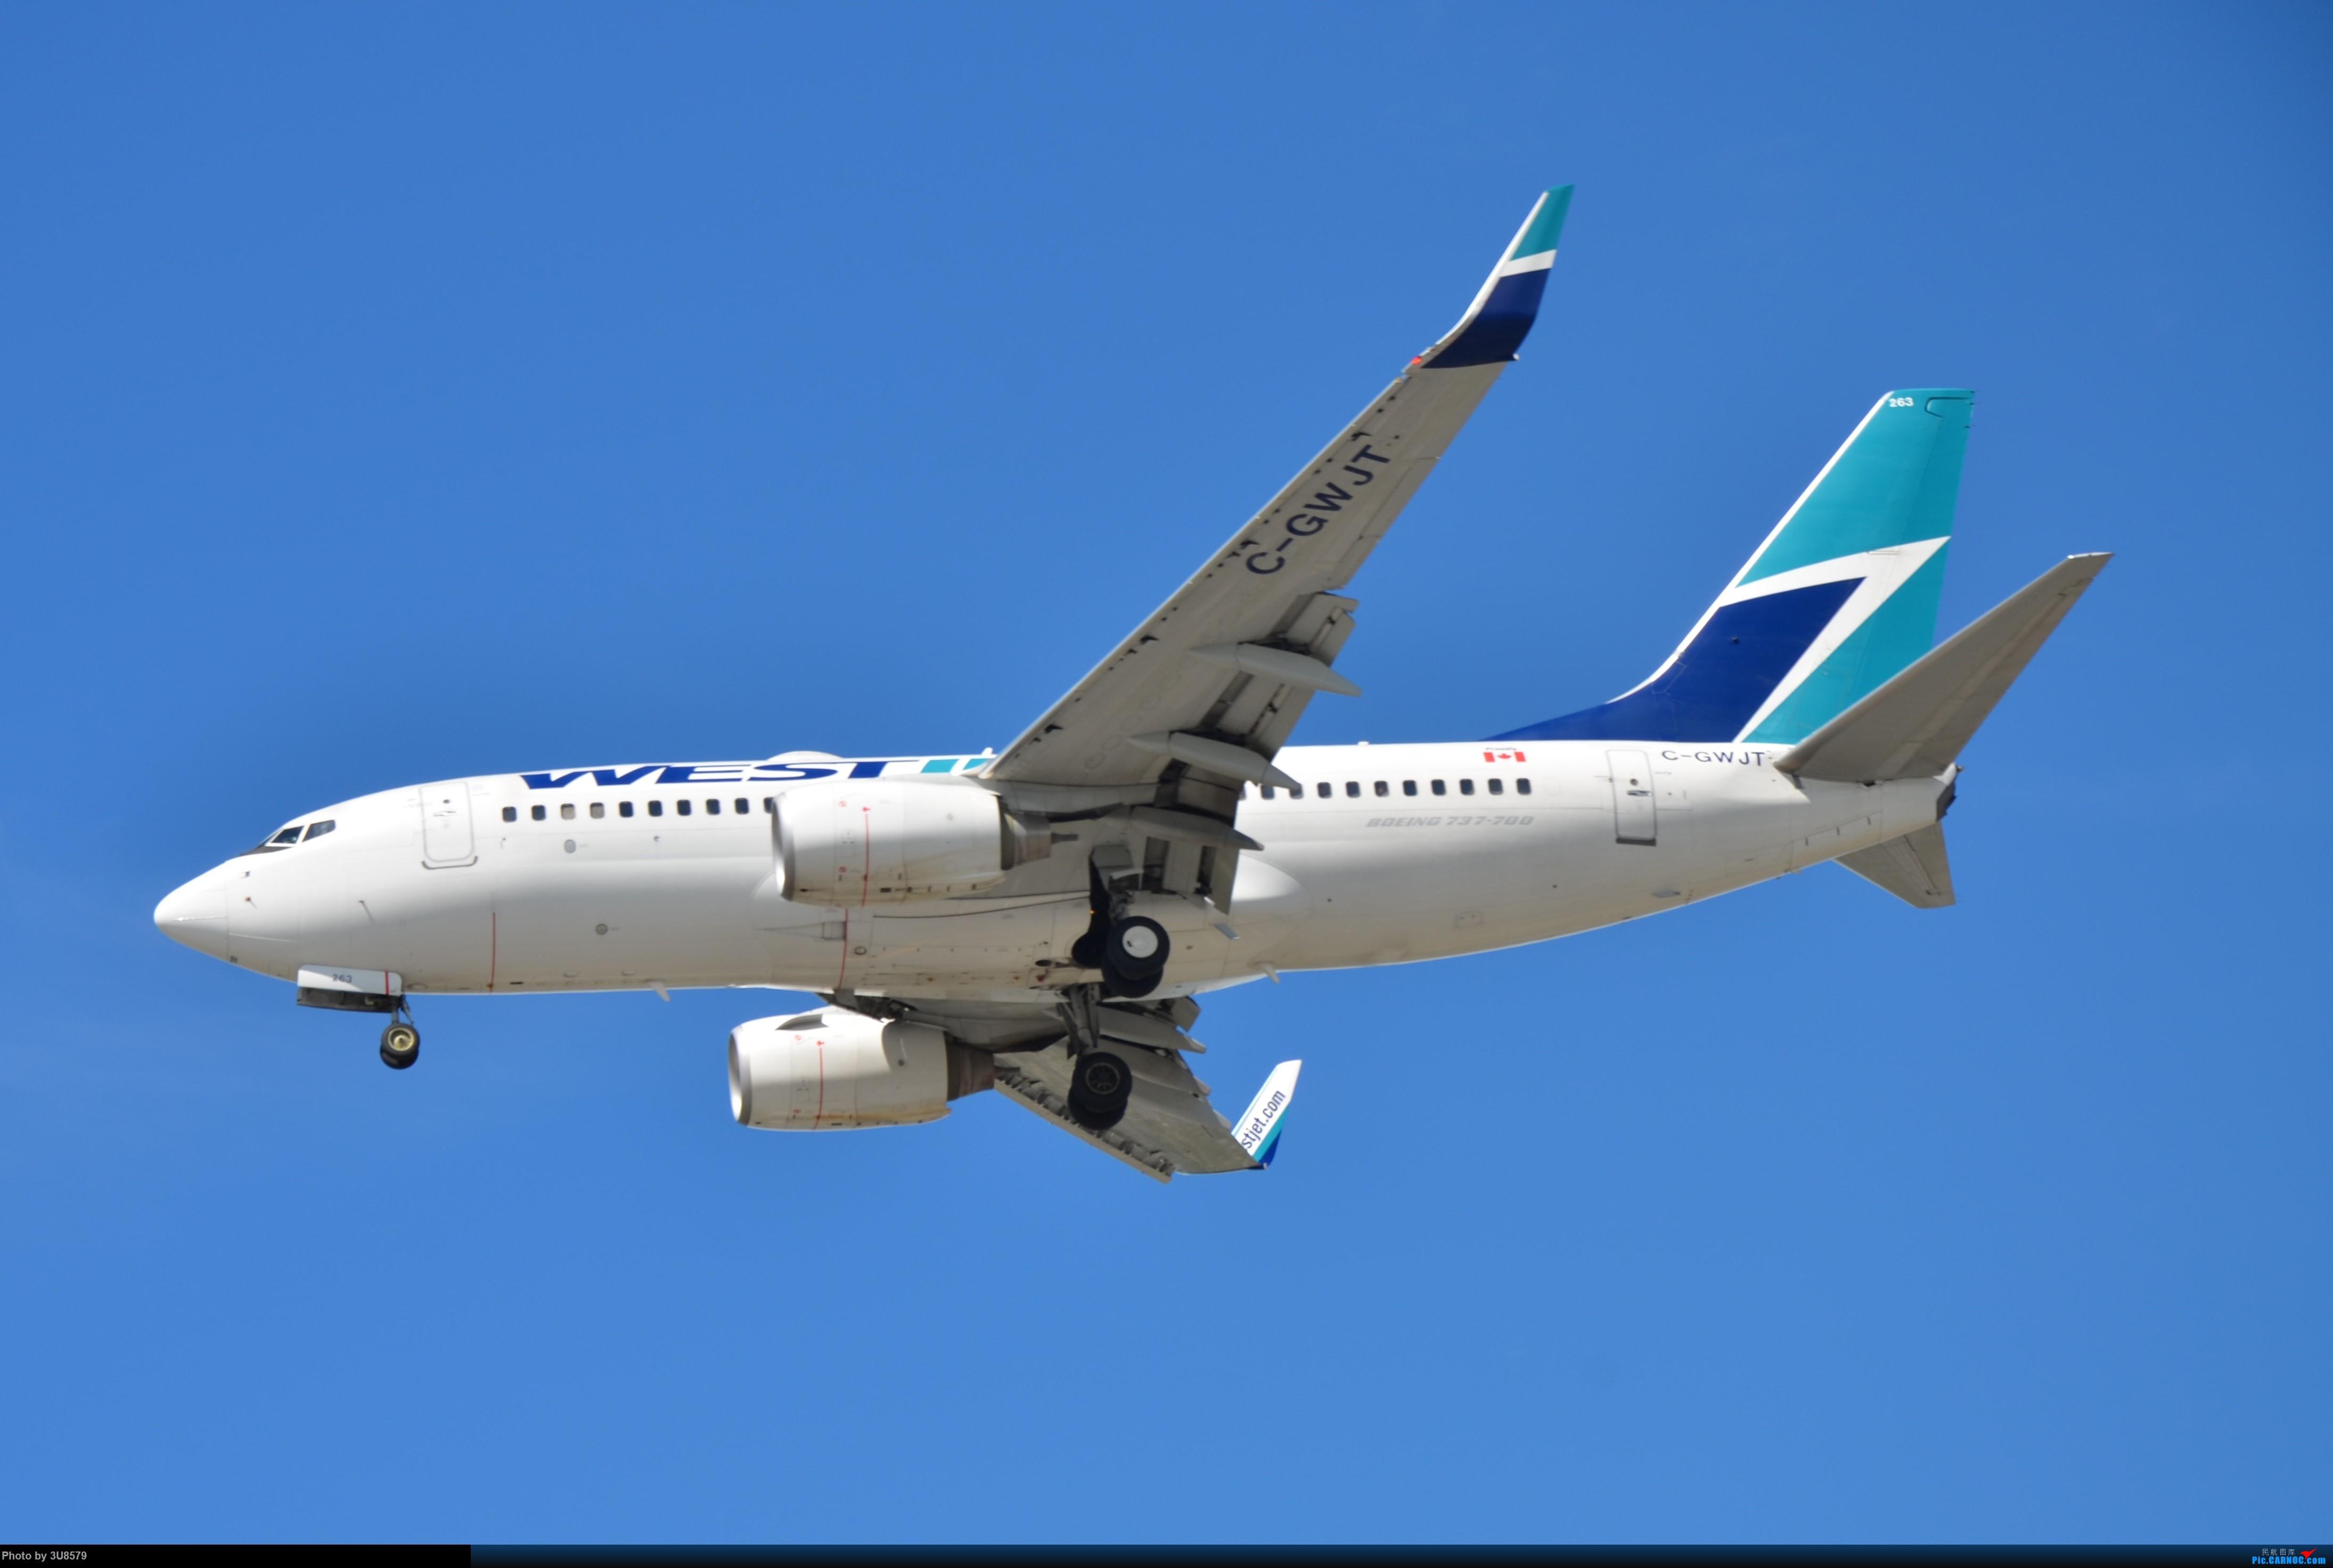 Re:[原创]YVR温哥华拍机 BOEING 737-700 C-GWJT 加拿大温哥华机场